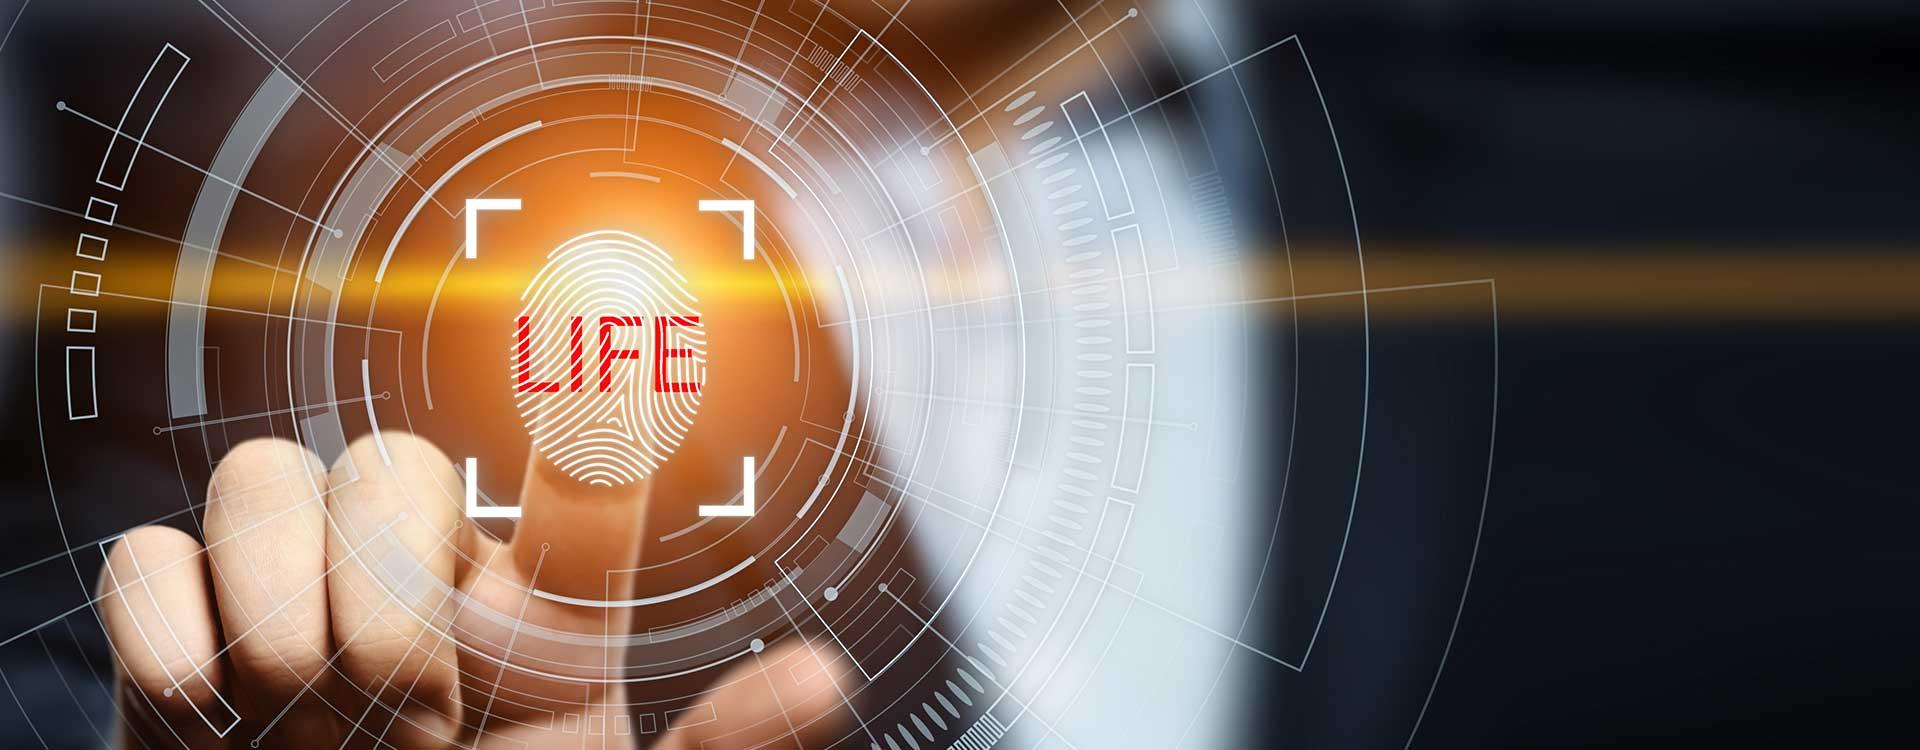 Life-Lab: der Schlüssel zu Deinem Leben